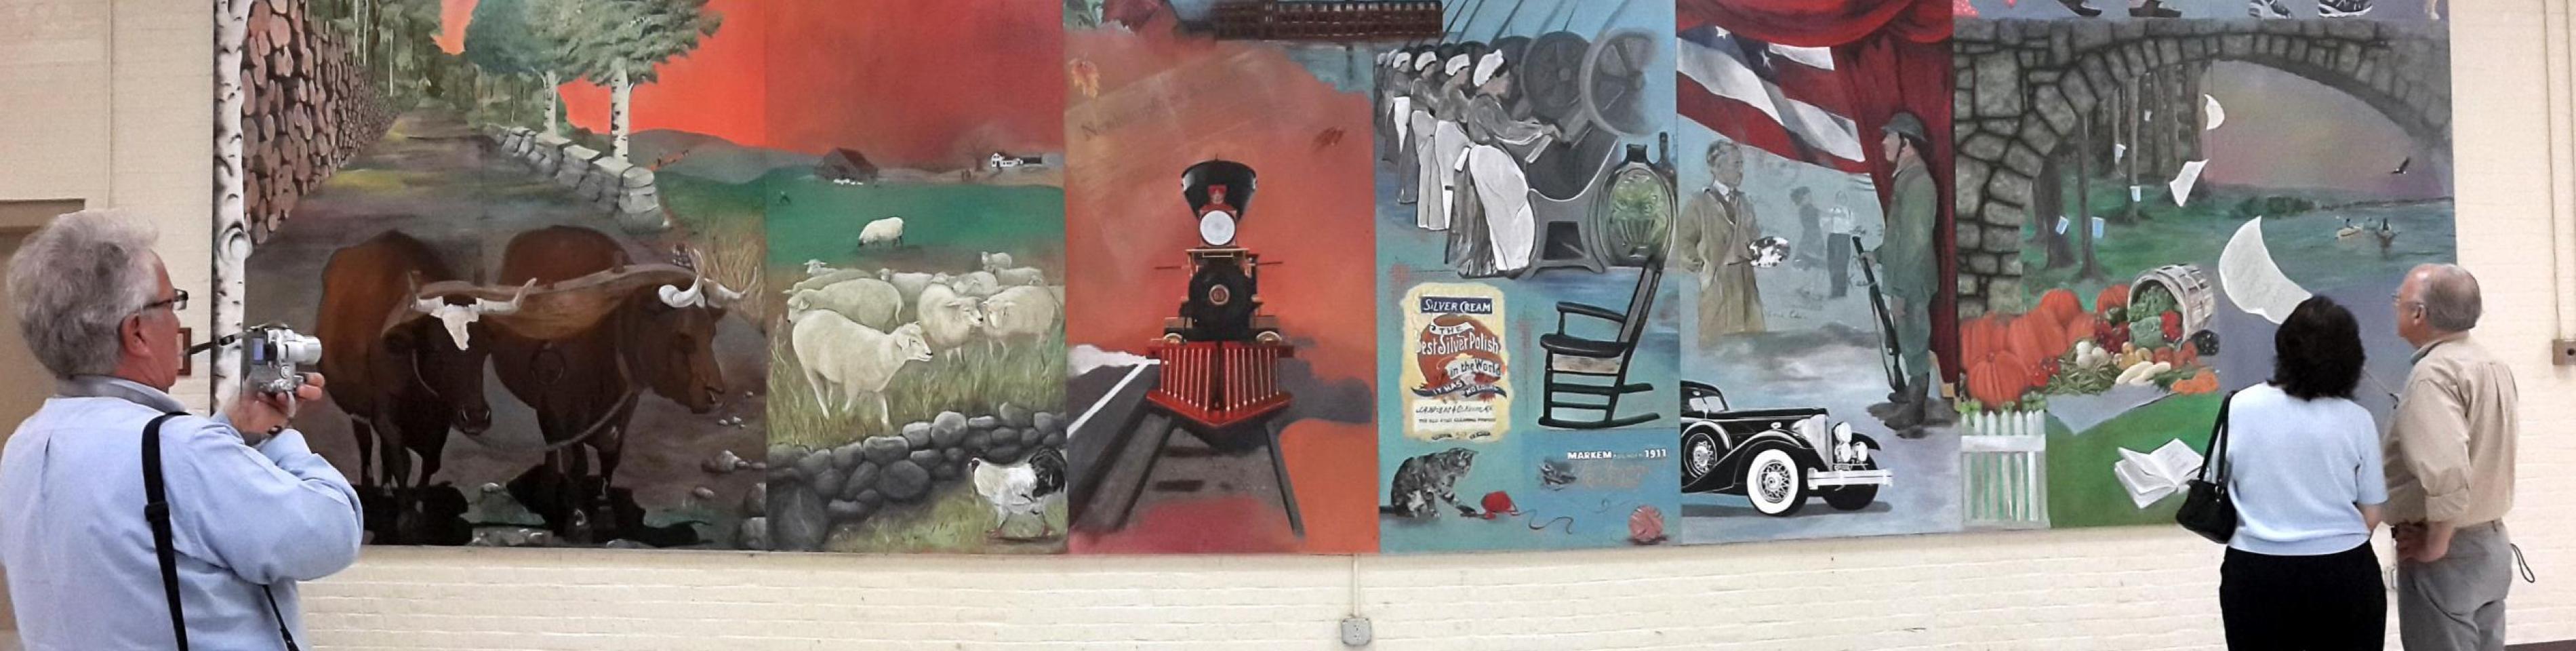 keene parks mural